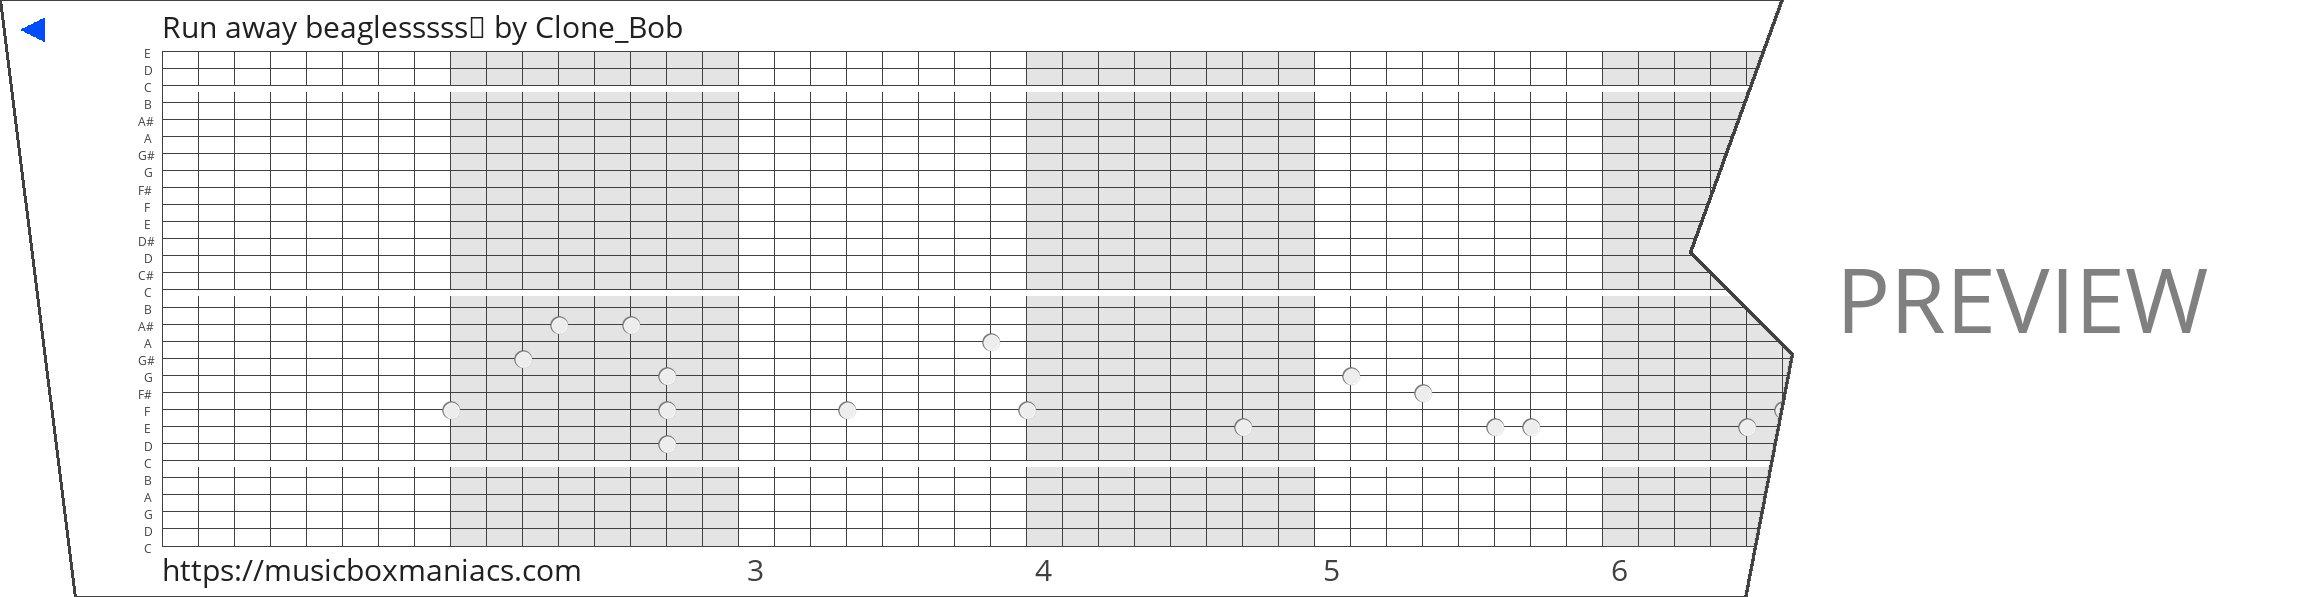 Run away beaglesssss🐶 30 note music box paper strip